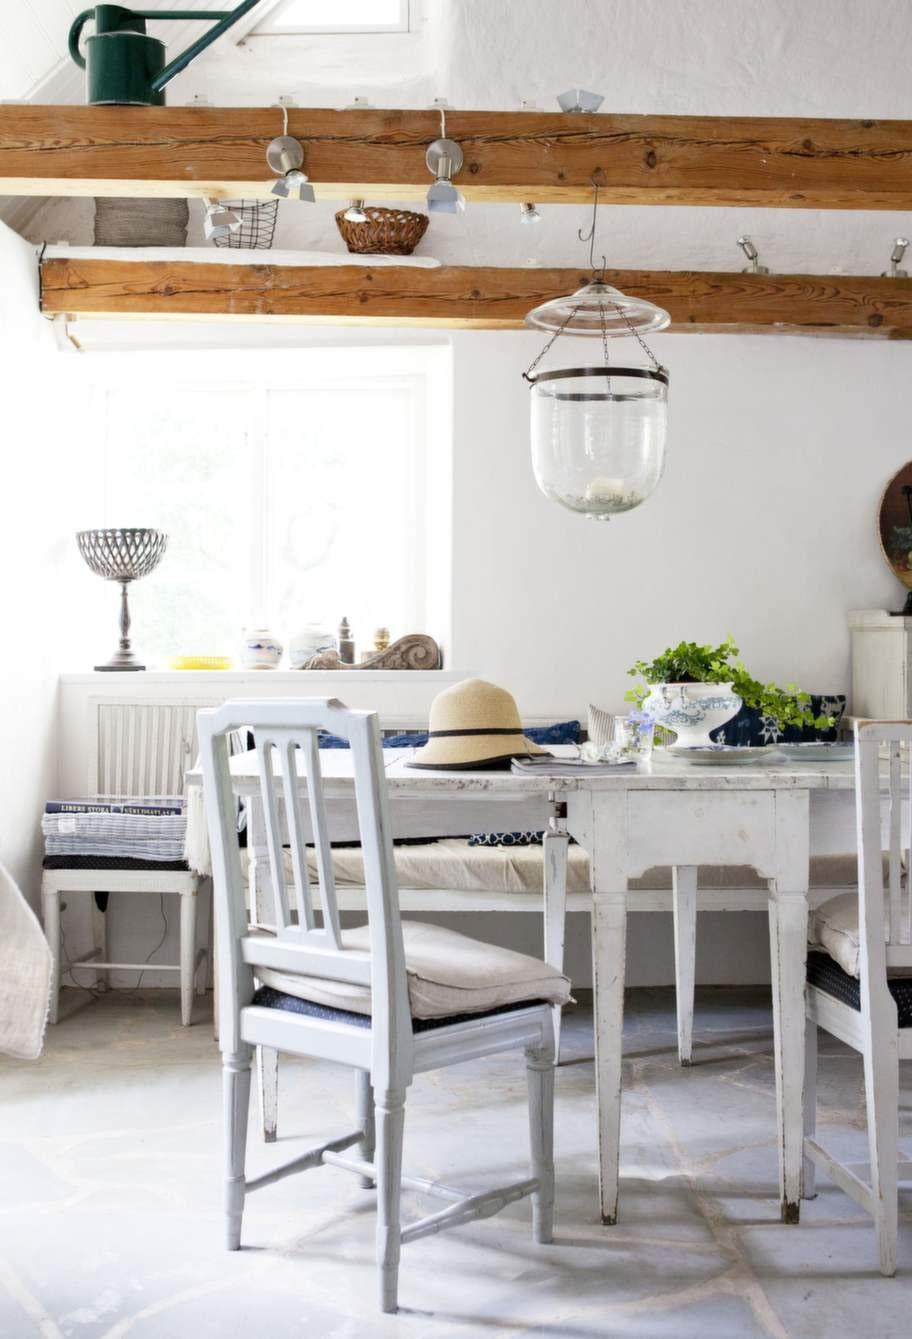 Evas och Örjans platsbyggda kök i gammal stil är ganska nygjort och matchas av en intilliggande matplats i 1700-talsstil.